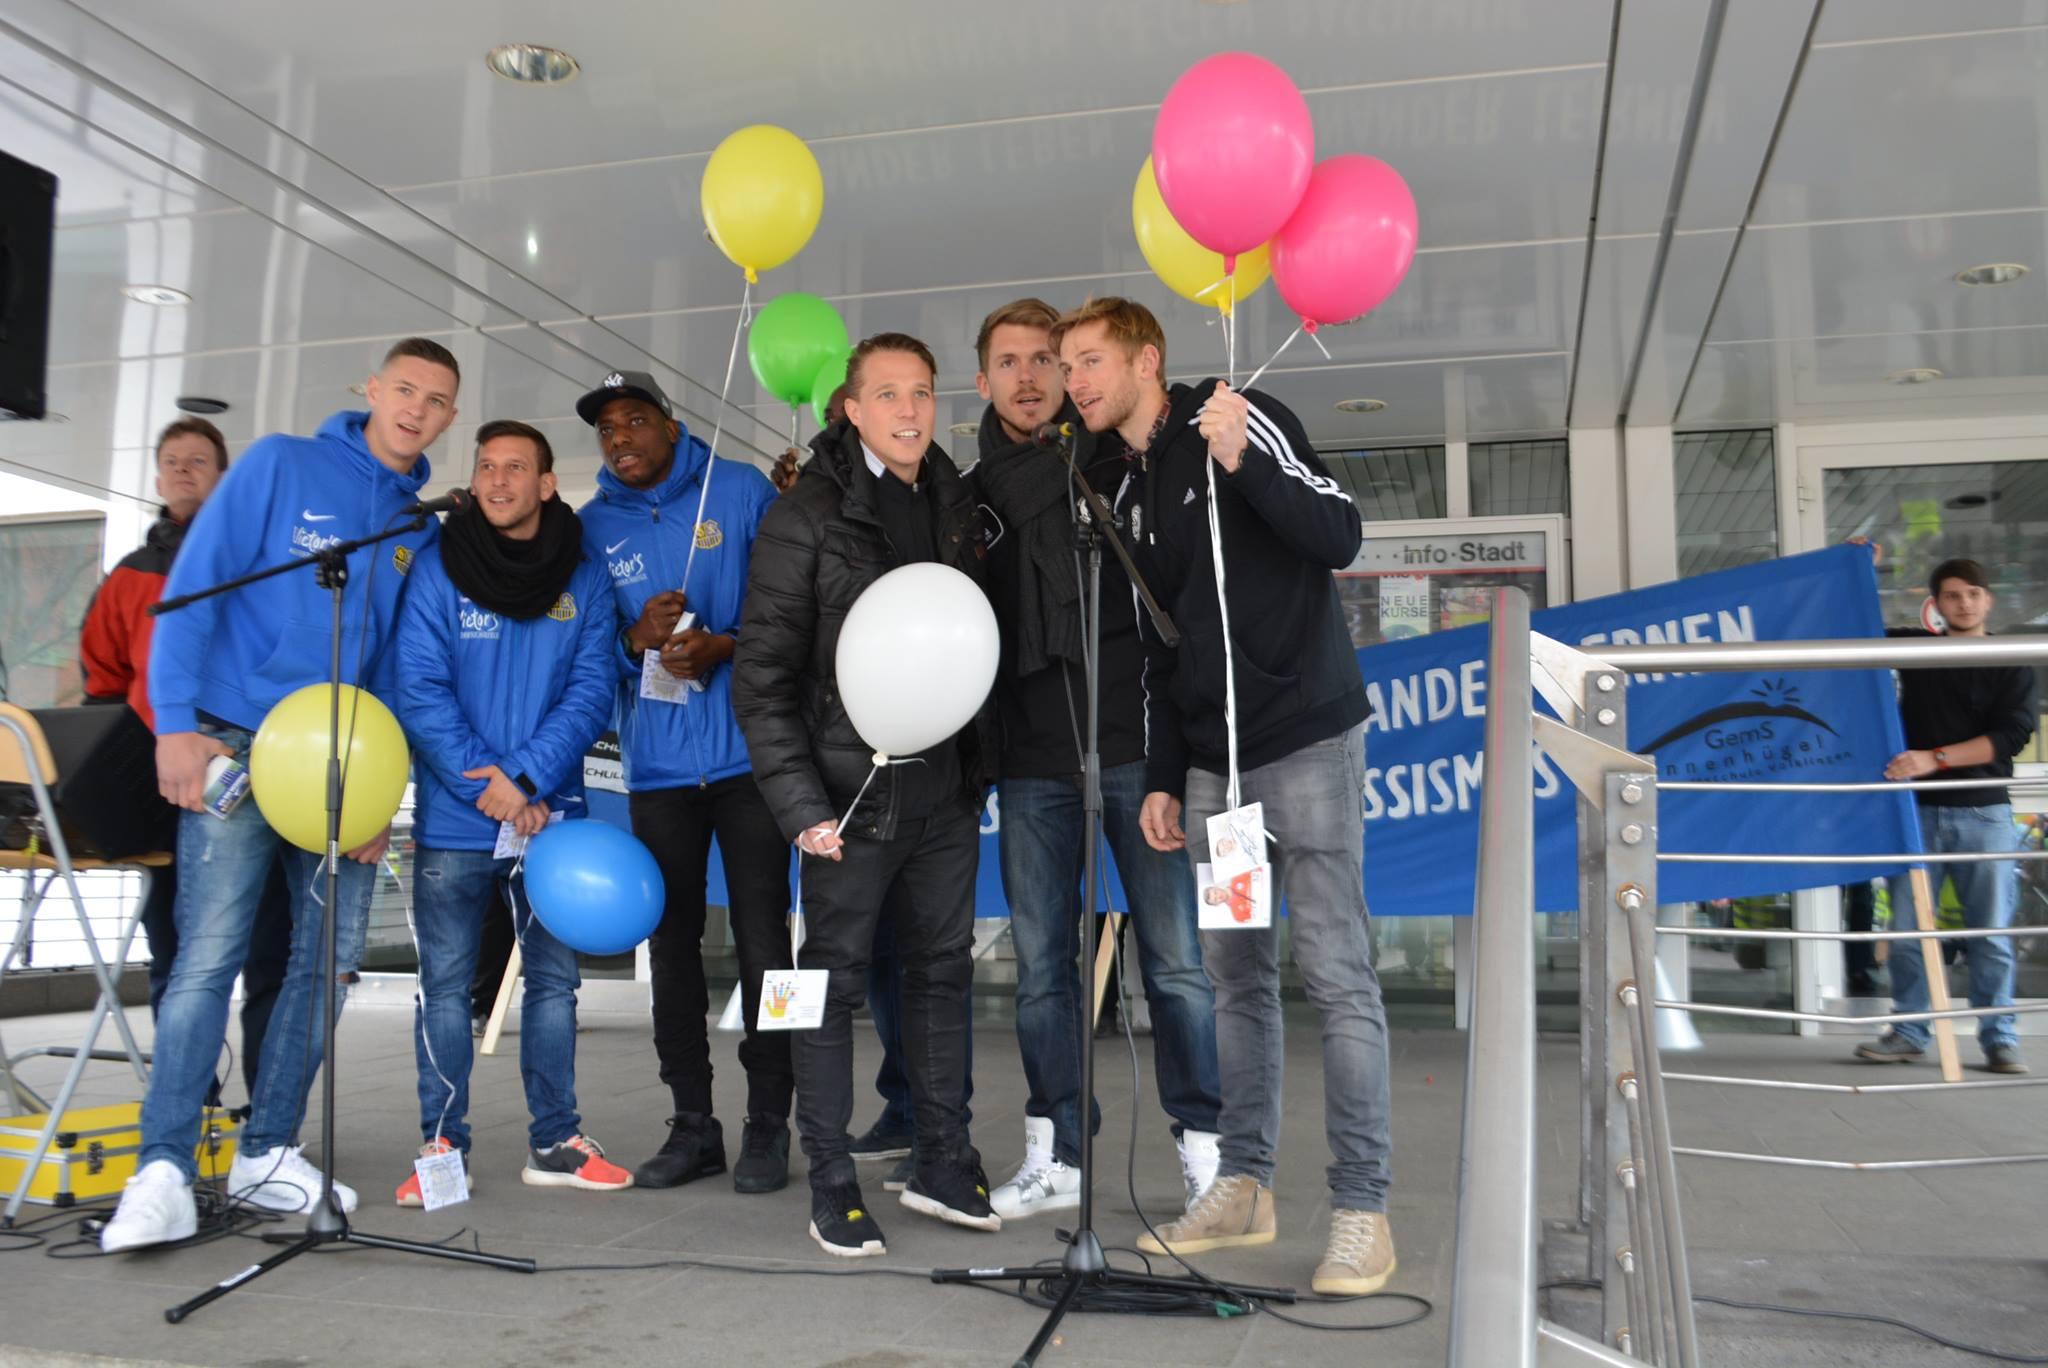 Bereits 2016 hatten die Fußballclubs 1. FC Saarbrücken und SV Elversberg den Schweigemarsch unterstützt (Foto: Schule)